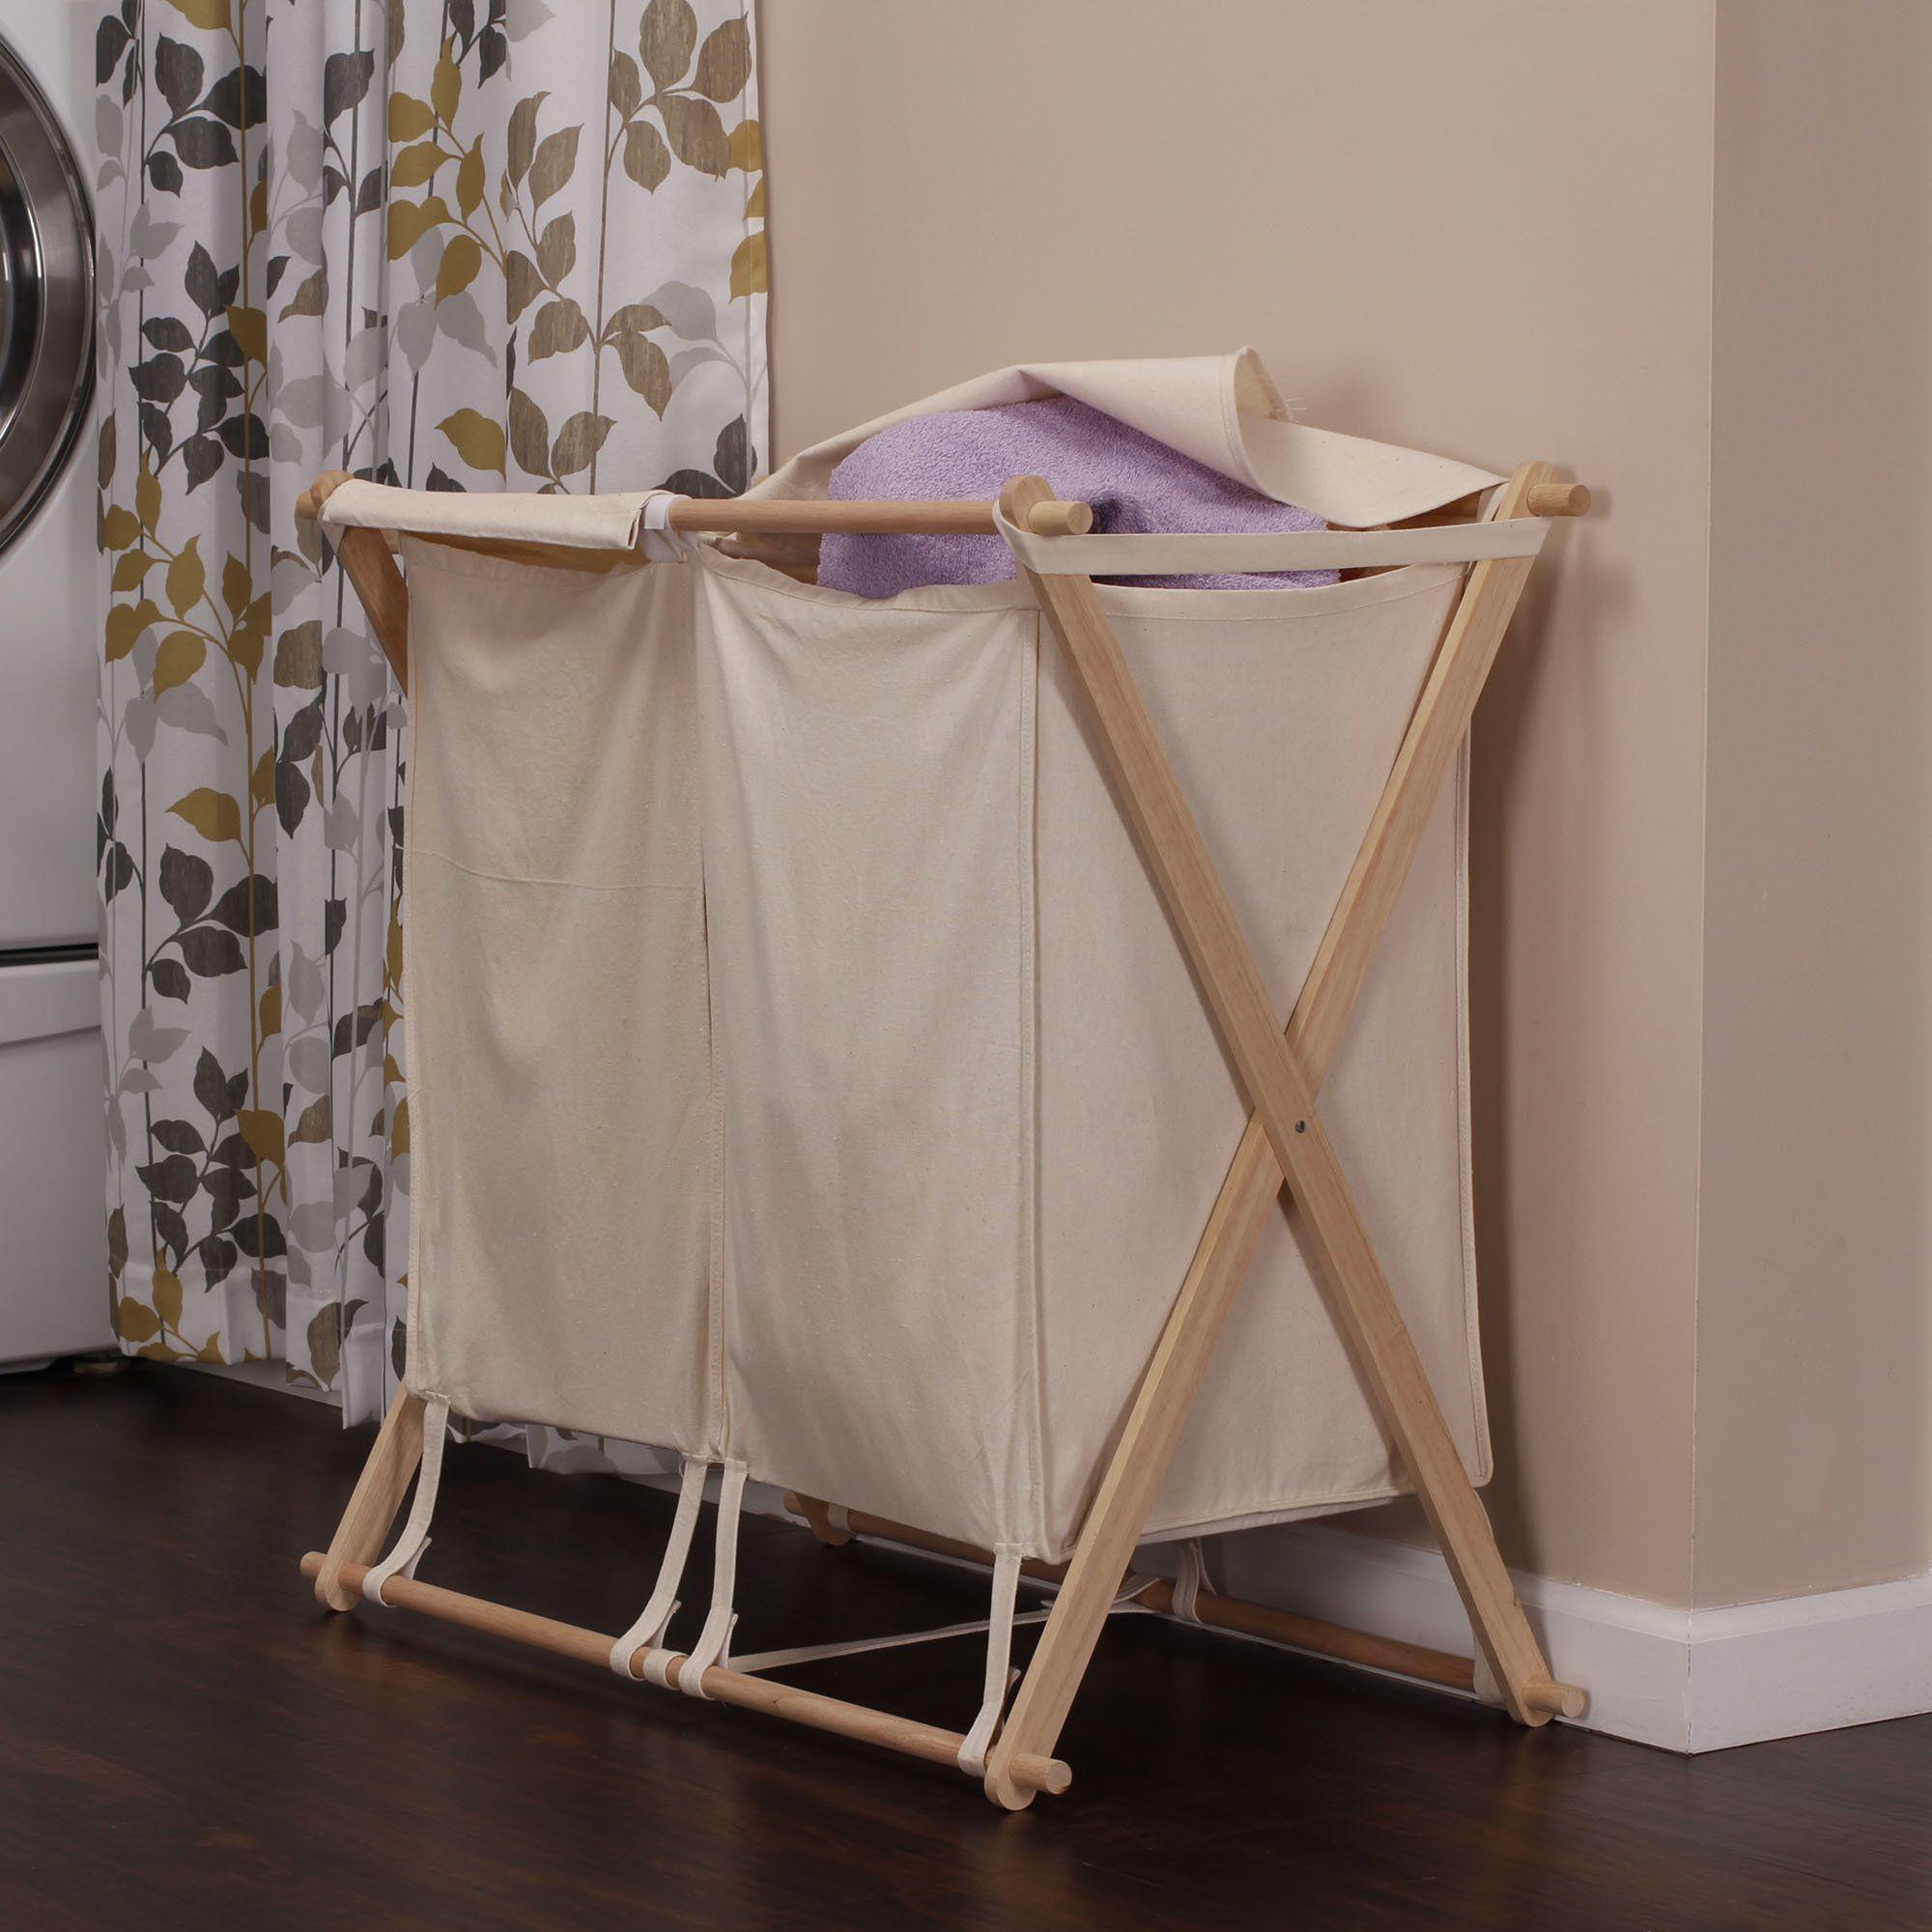 X Frame Folding Laundry Hamper Laundry Hamper Laundry Sorter